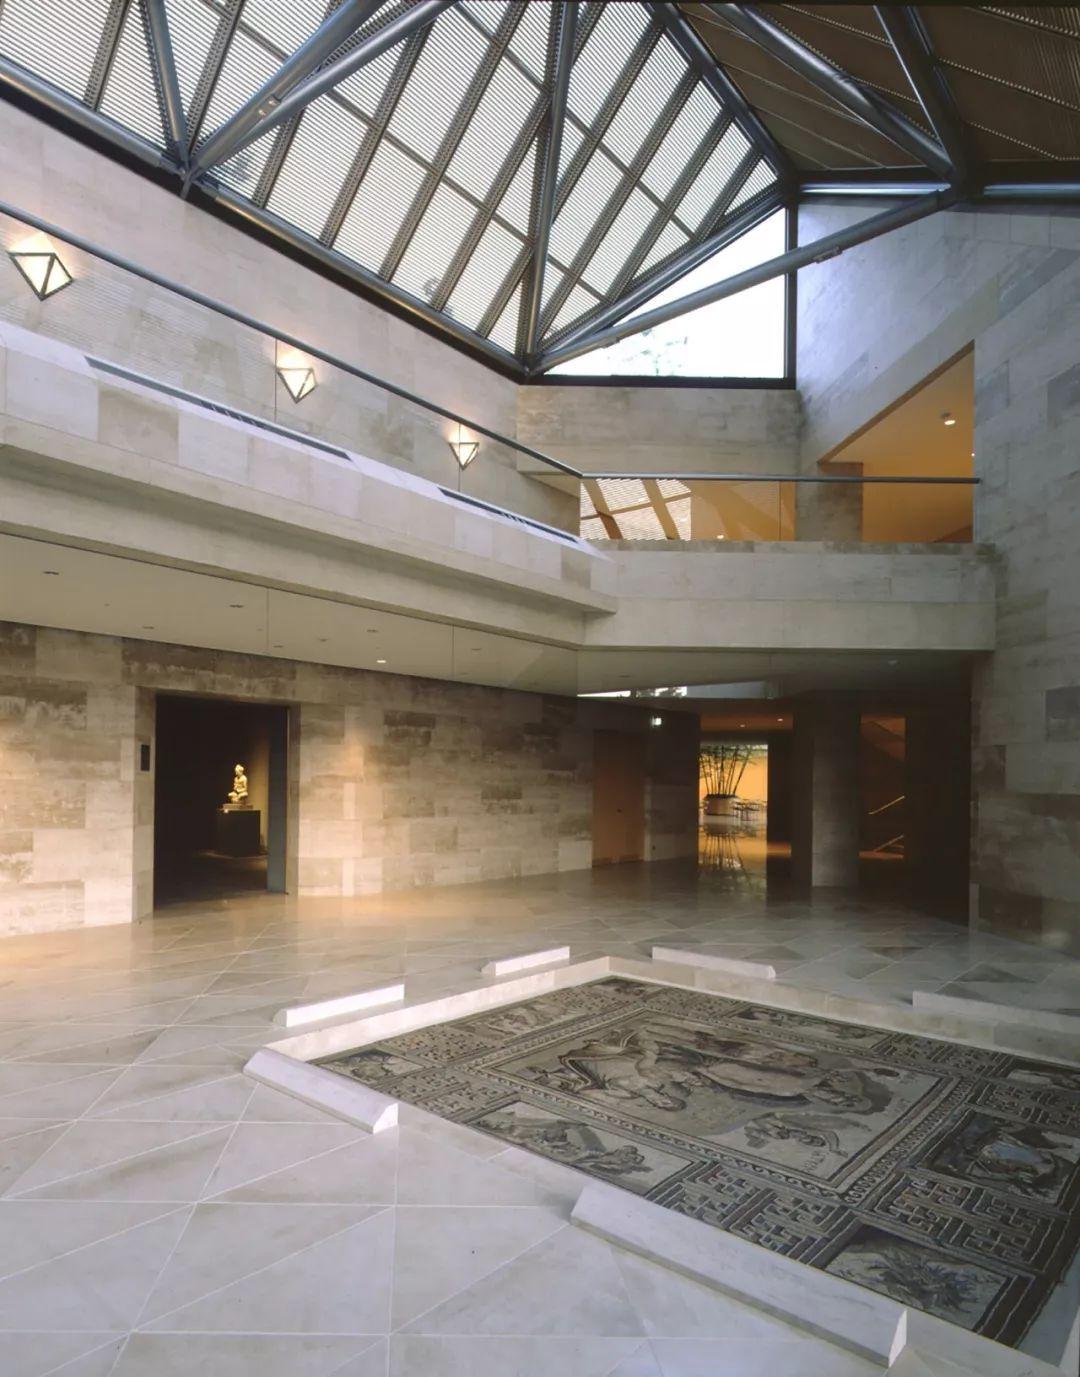 致敬贝聿铭:世界上最会用「三角形」的建筑大师_69